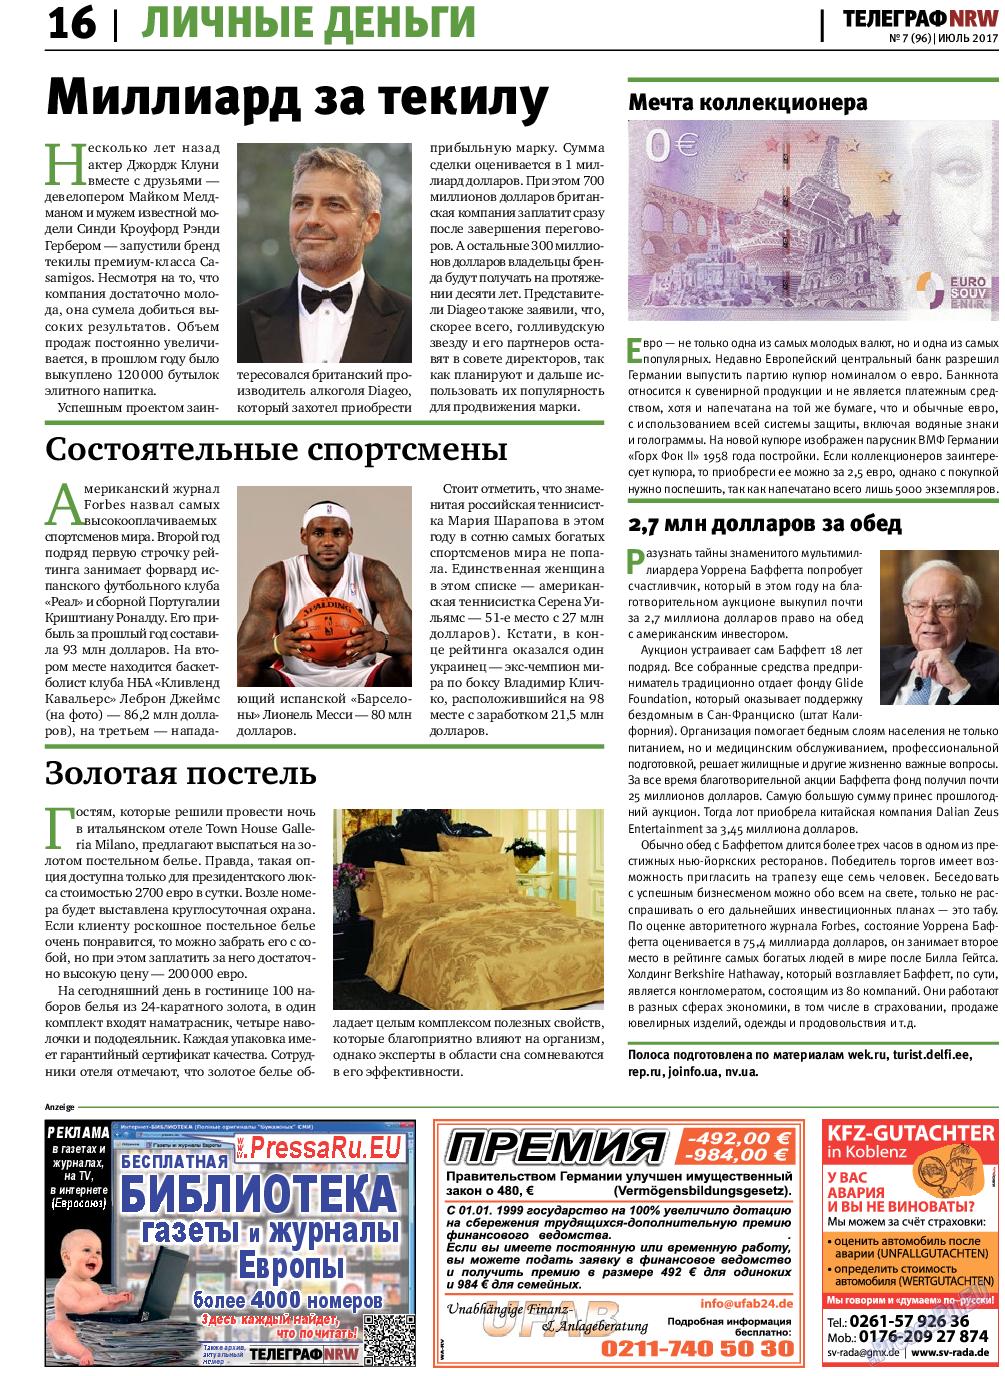 Телеграф NRW (газета). 2017 год, номер 7, стр. 16